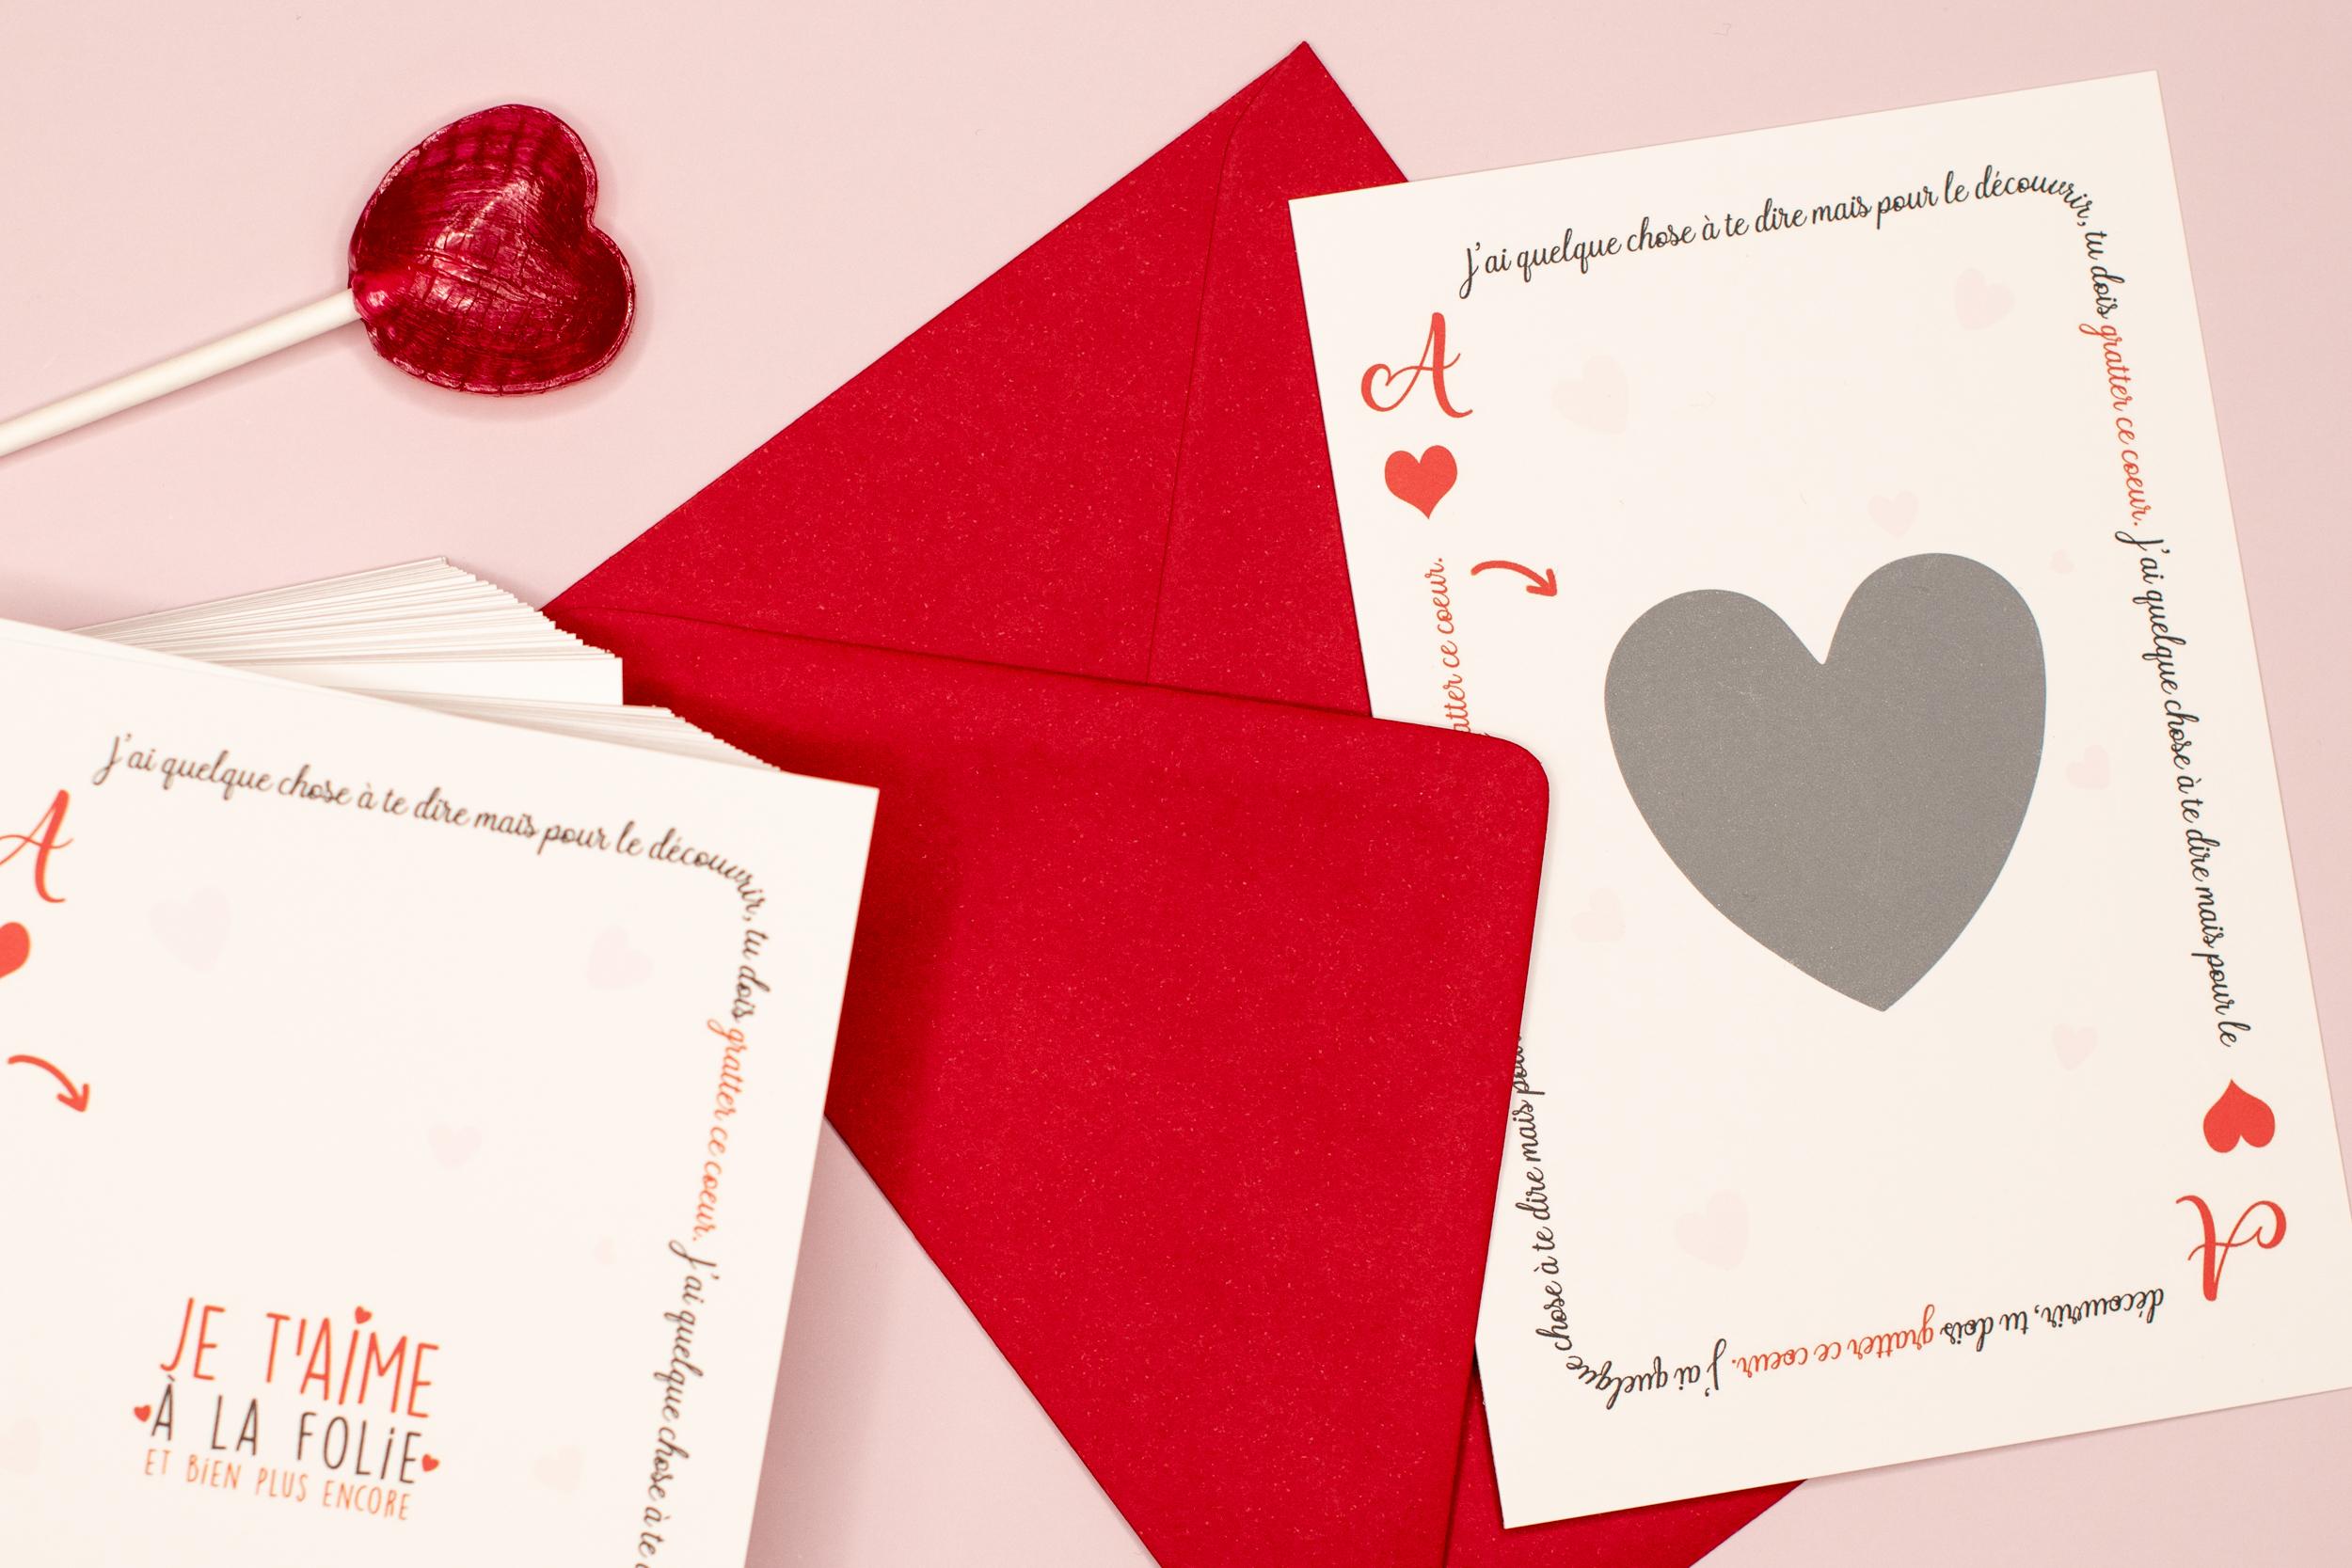 Carte pour déclarer son amour - carte pour la Saint-Valentin et autres occasions amoureuses